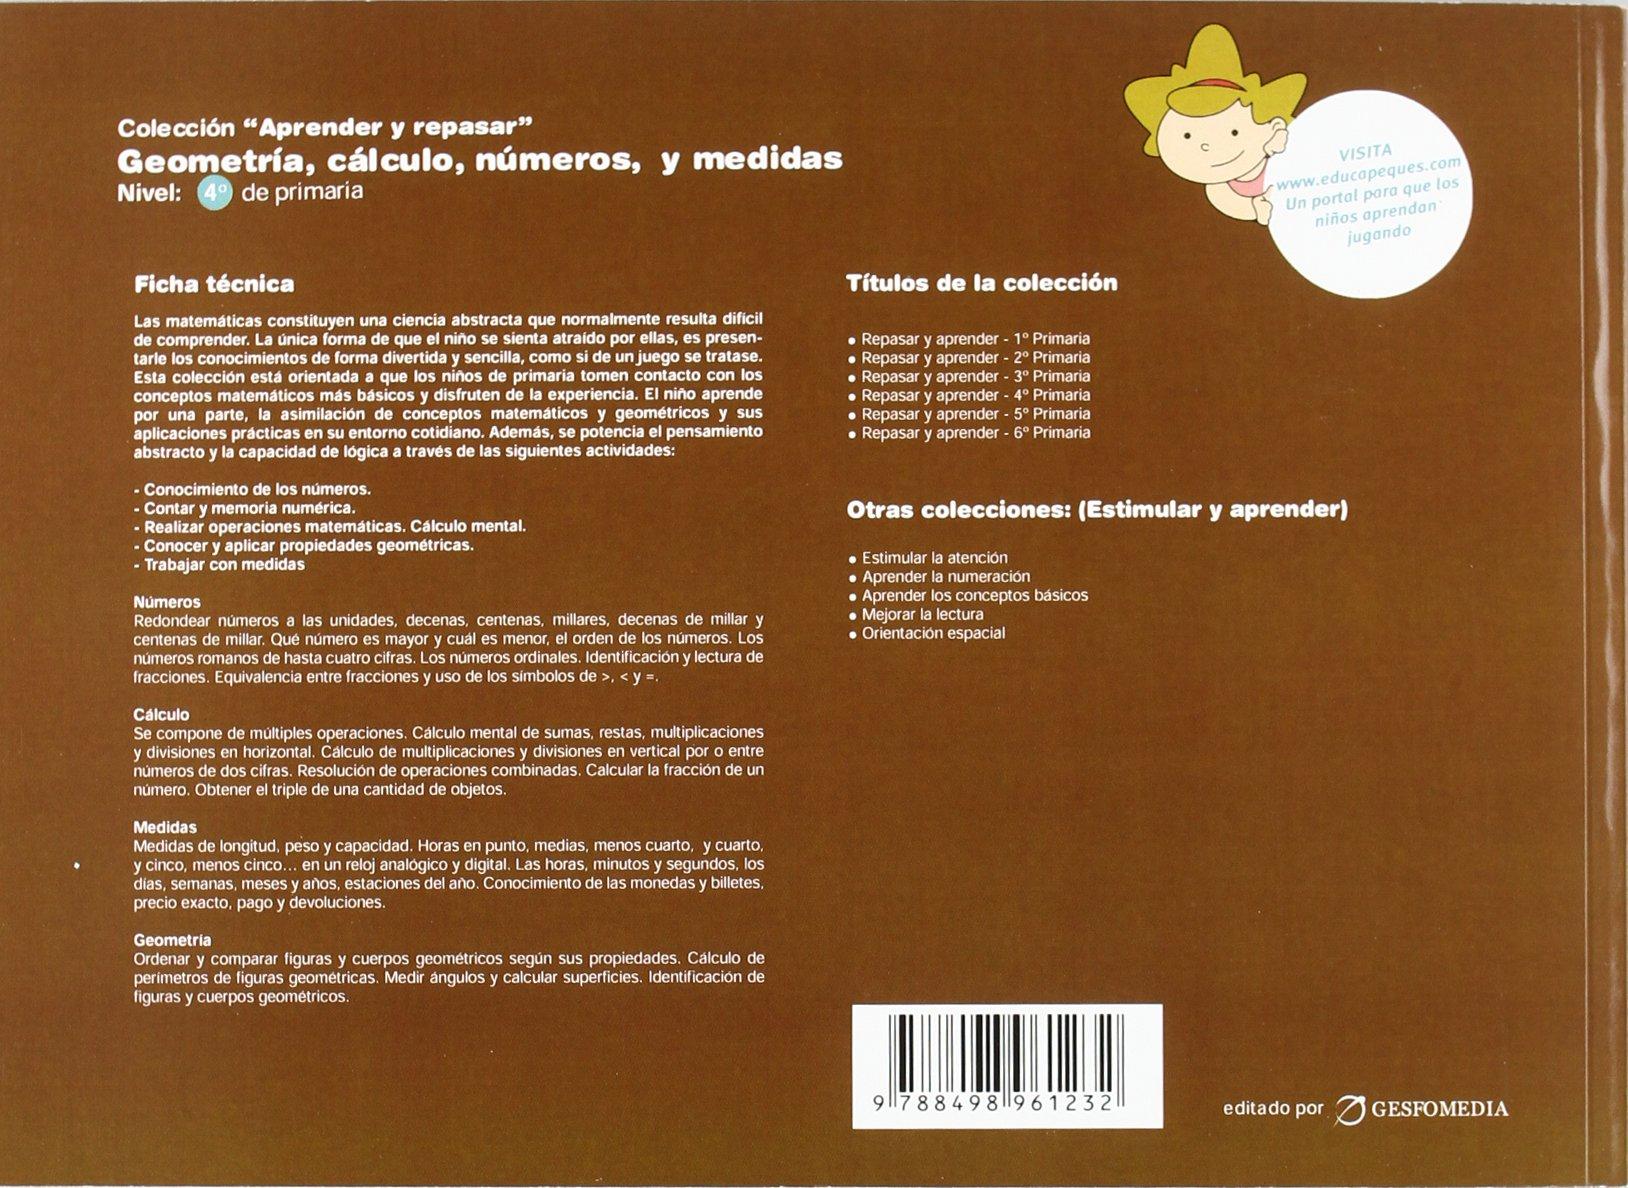 GEOMETRIA CALCULO NUMEROS MEDIDAS 4 PRIMARIA: 9788498961232: Amazon.com: Books